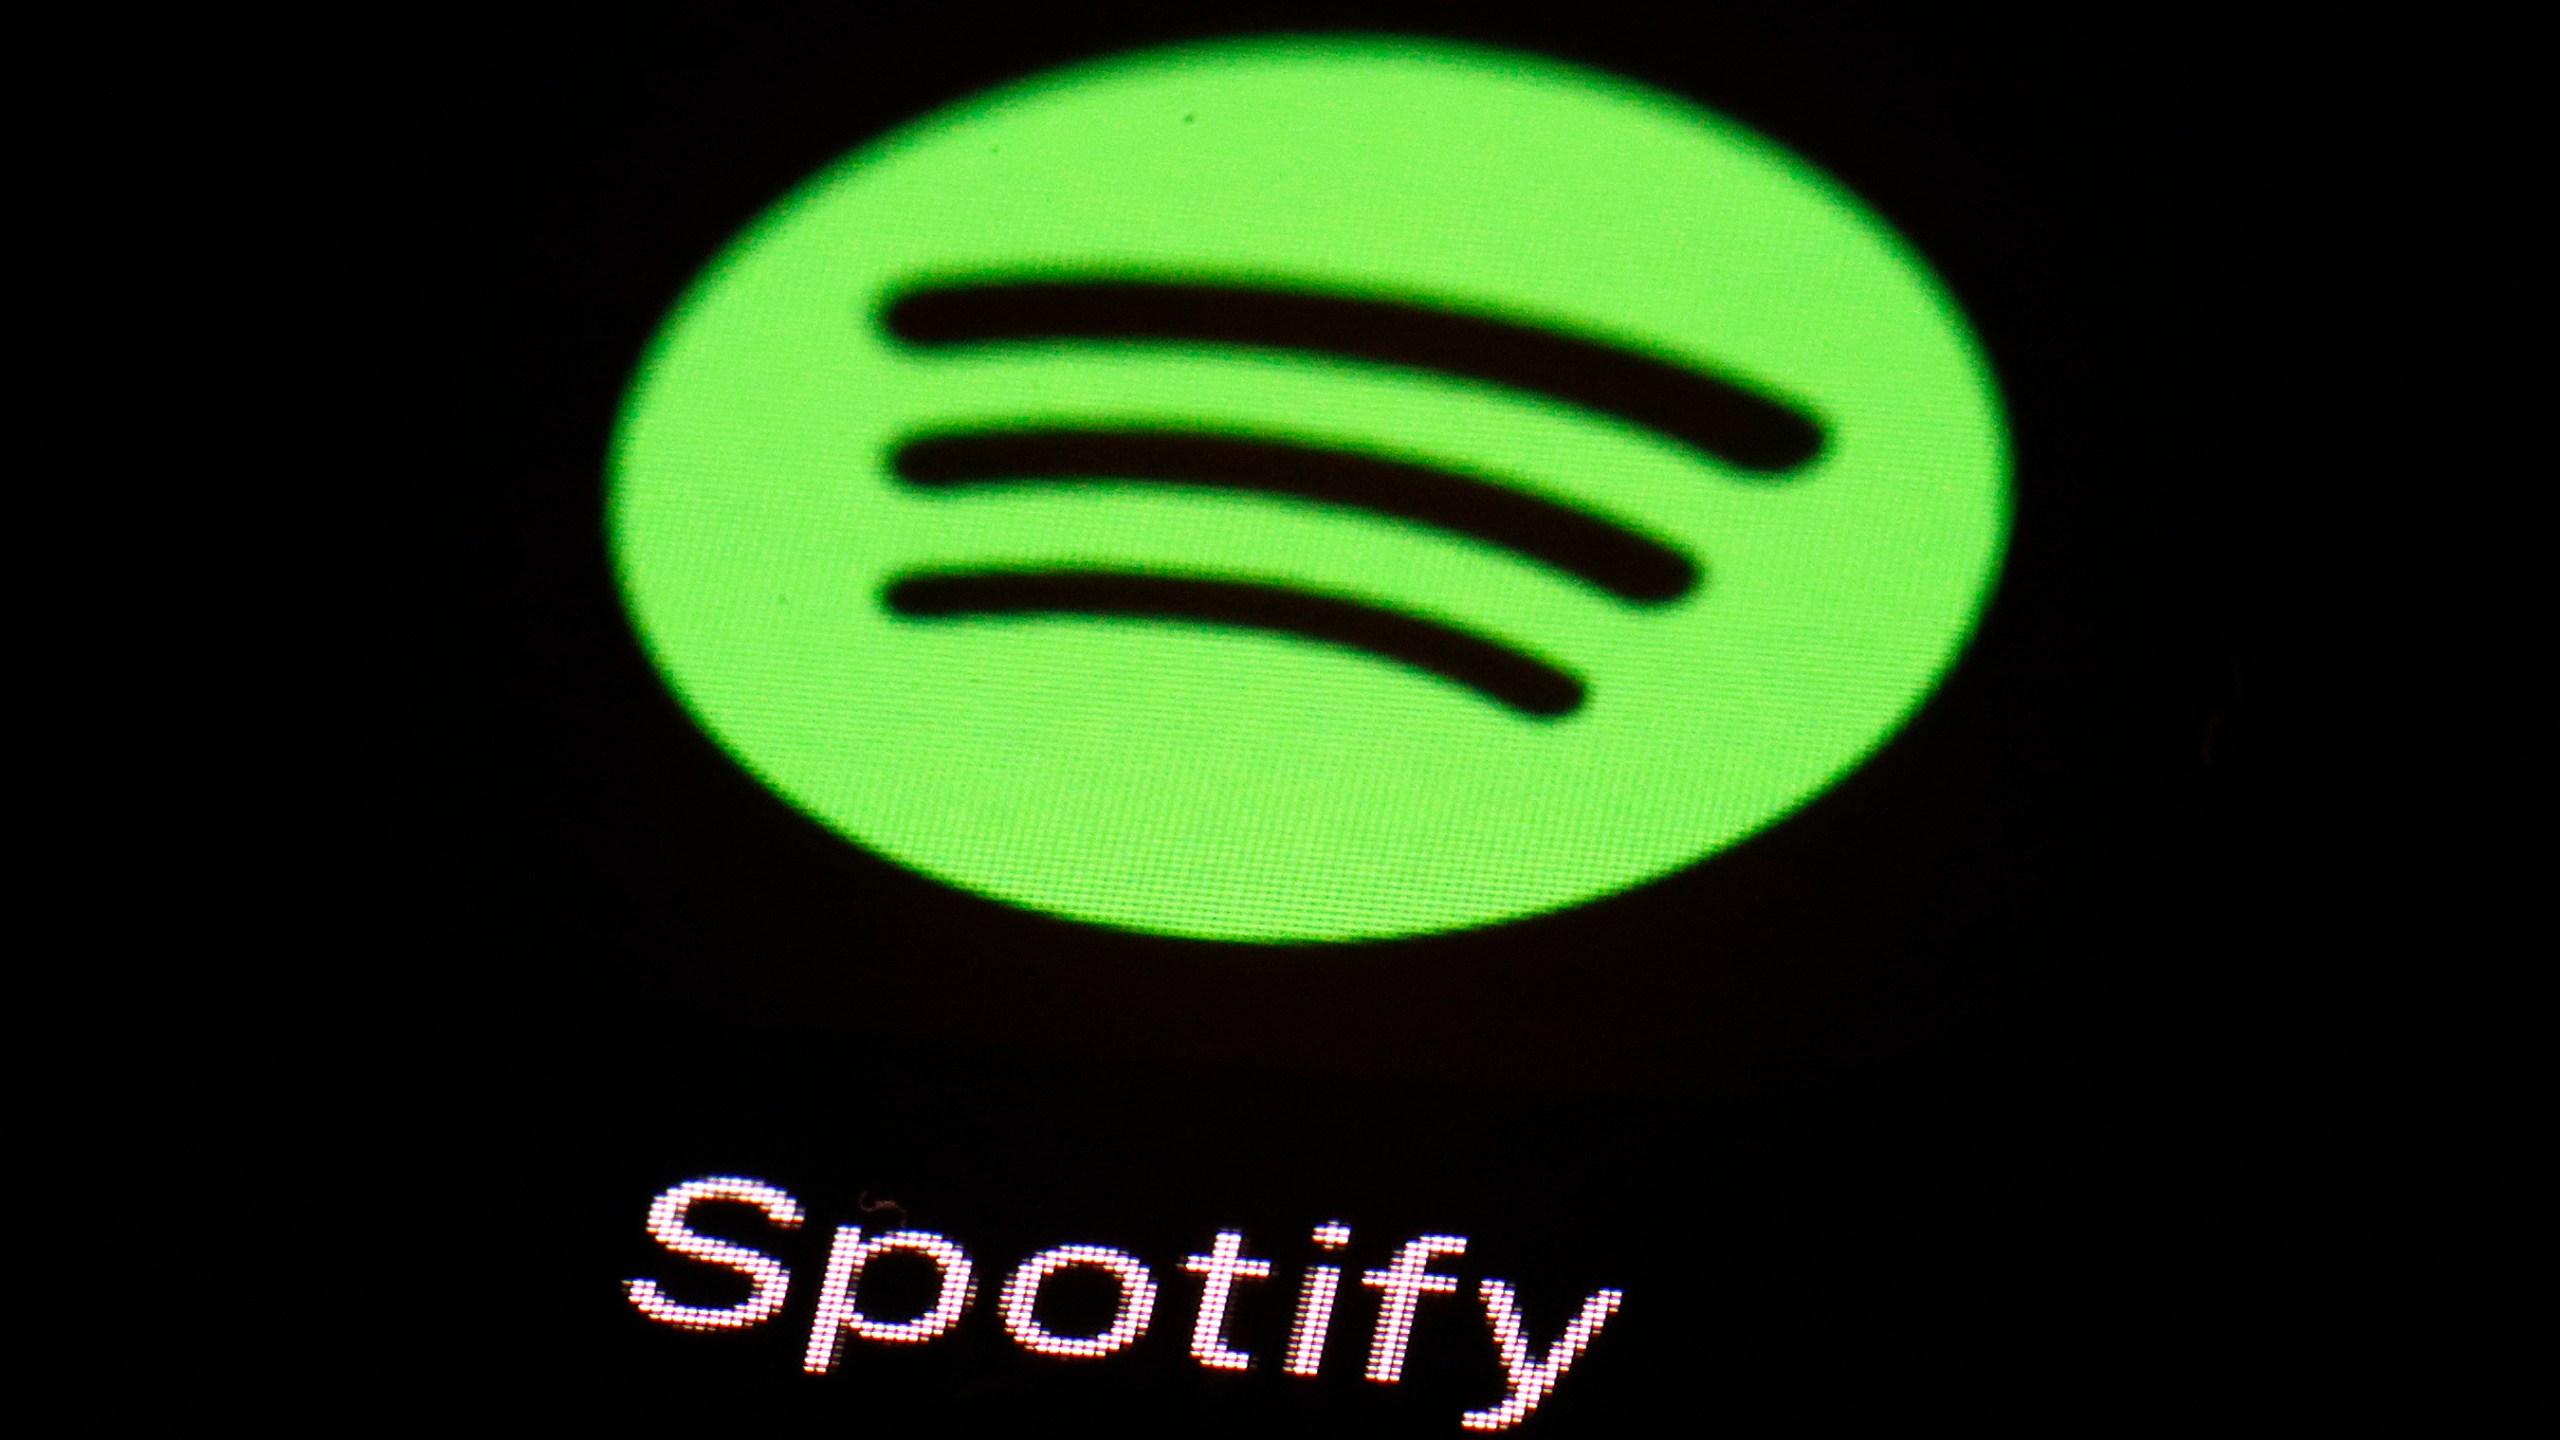 Spotify_Apple_11171-159532.jpg60590088